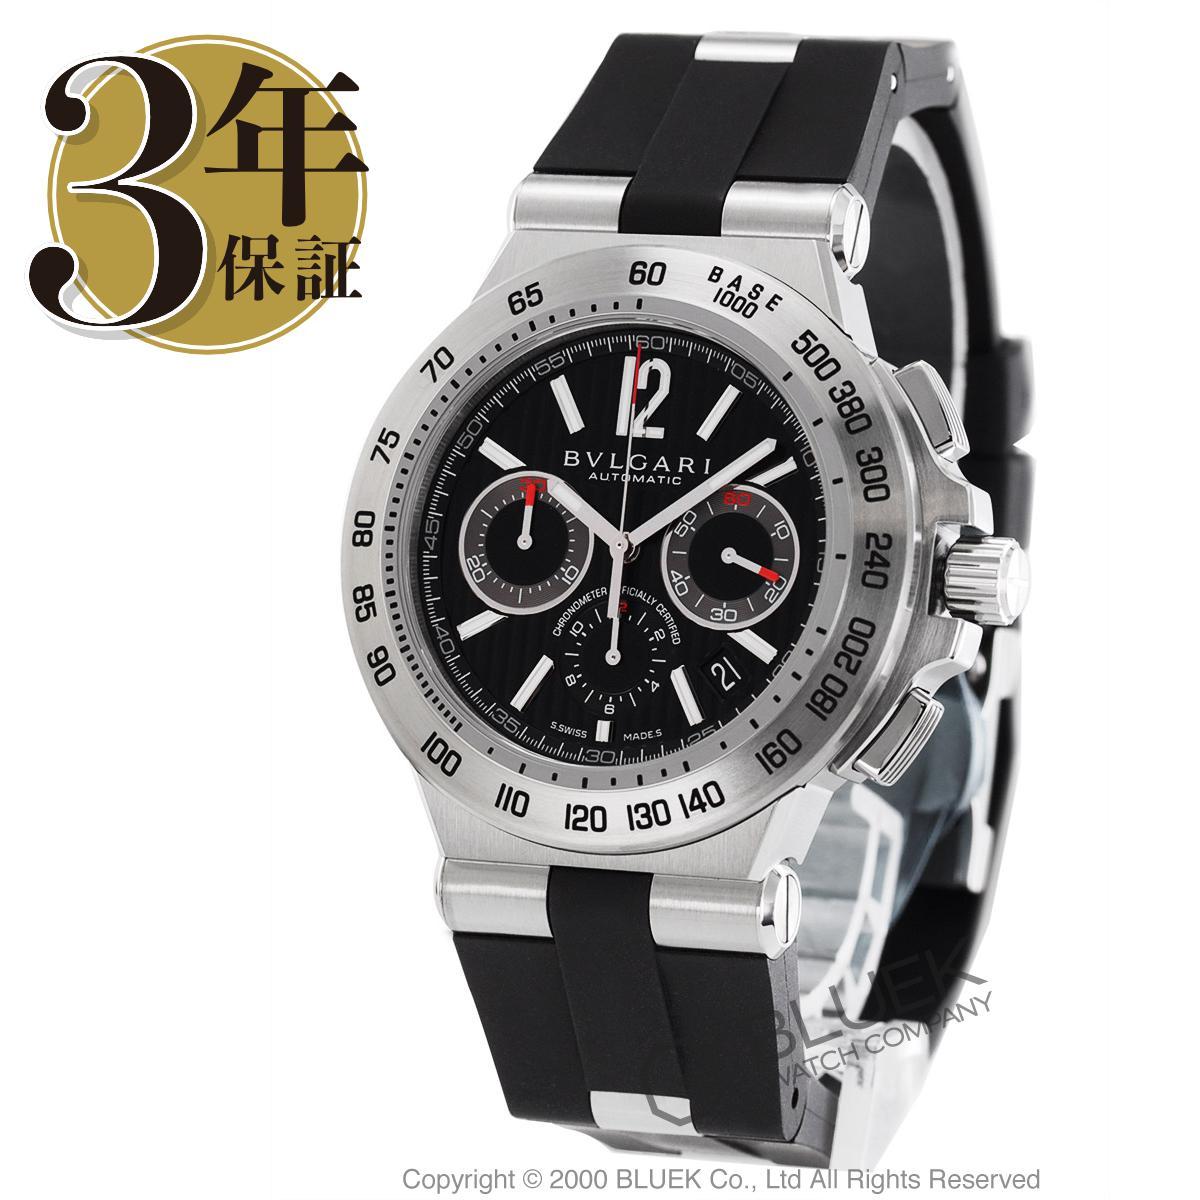 ブルガリ ディアゴノ プロフェッショナル クロノグラフ 腕時計 メンズ BVLGARI DP42BSVDCH_8 バーゲン ギフト プレゼント